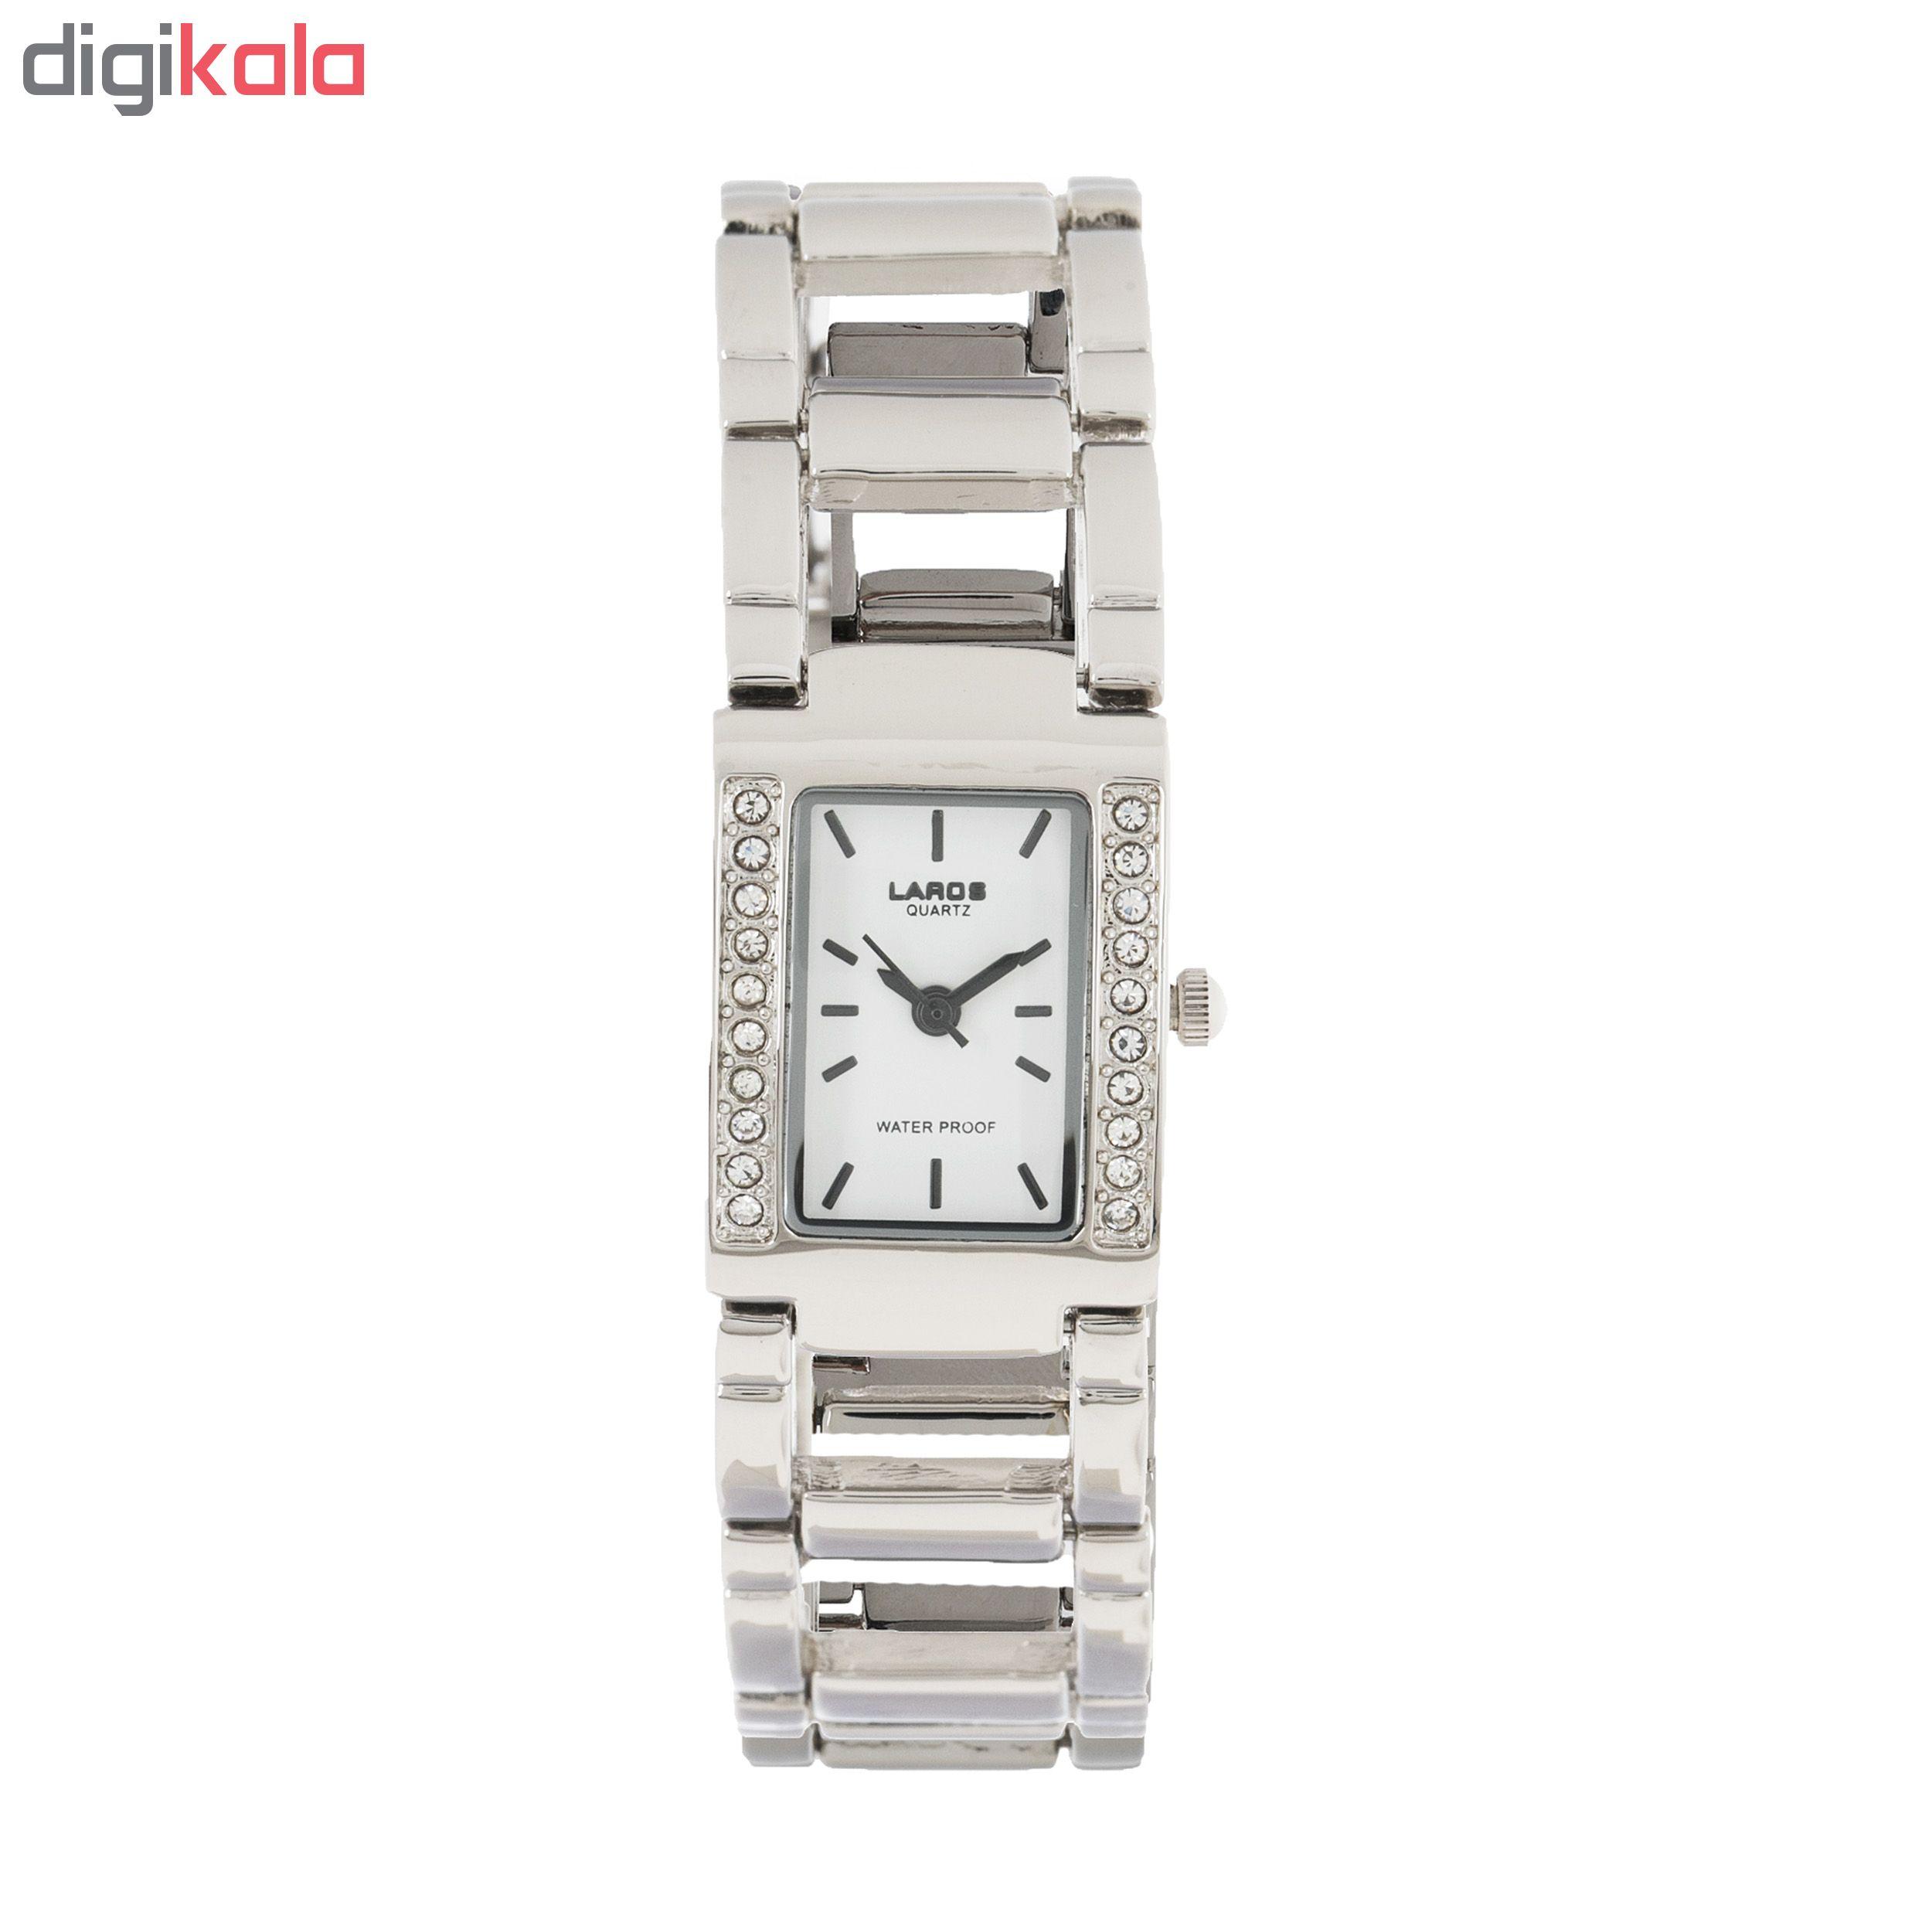 ساعت   زنانه لاروس مدل RL2202